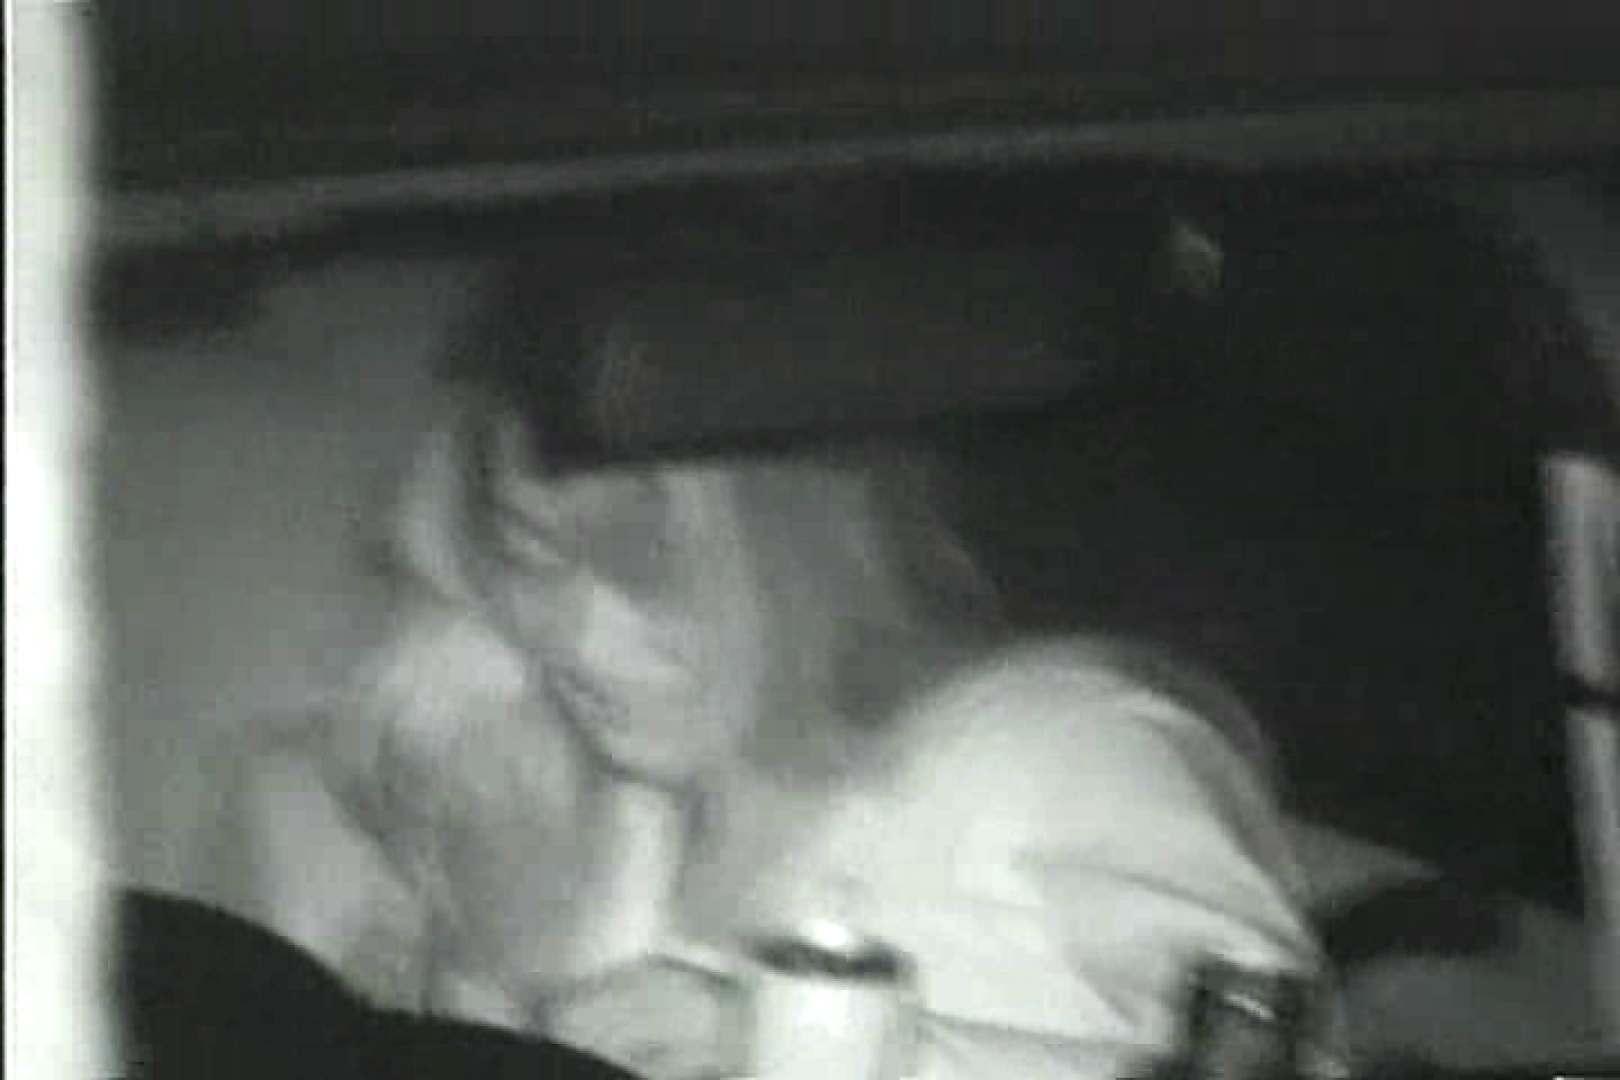 車の中はラブホテル 無修正版  Vol.9 美女OL オメコ無修正動画無料 88連発 32